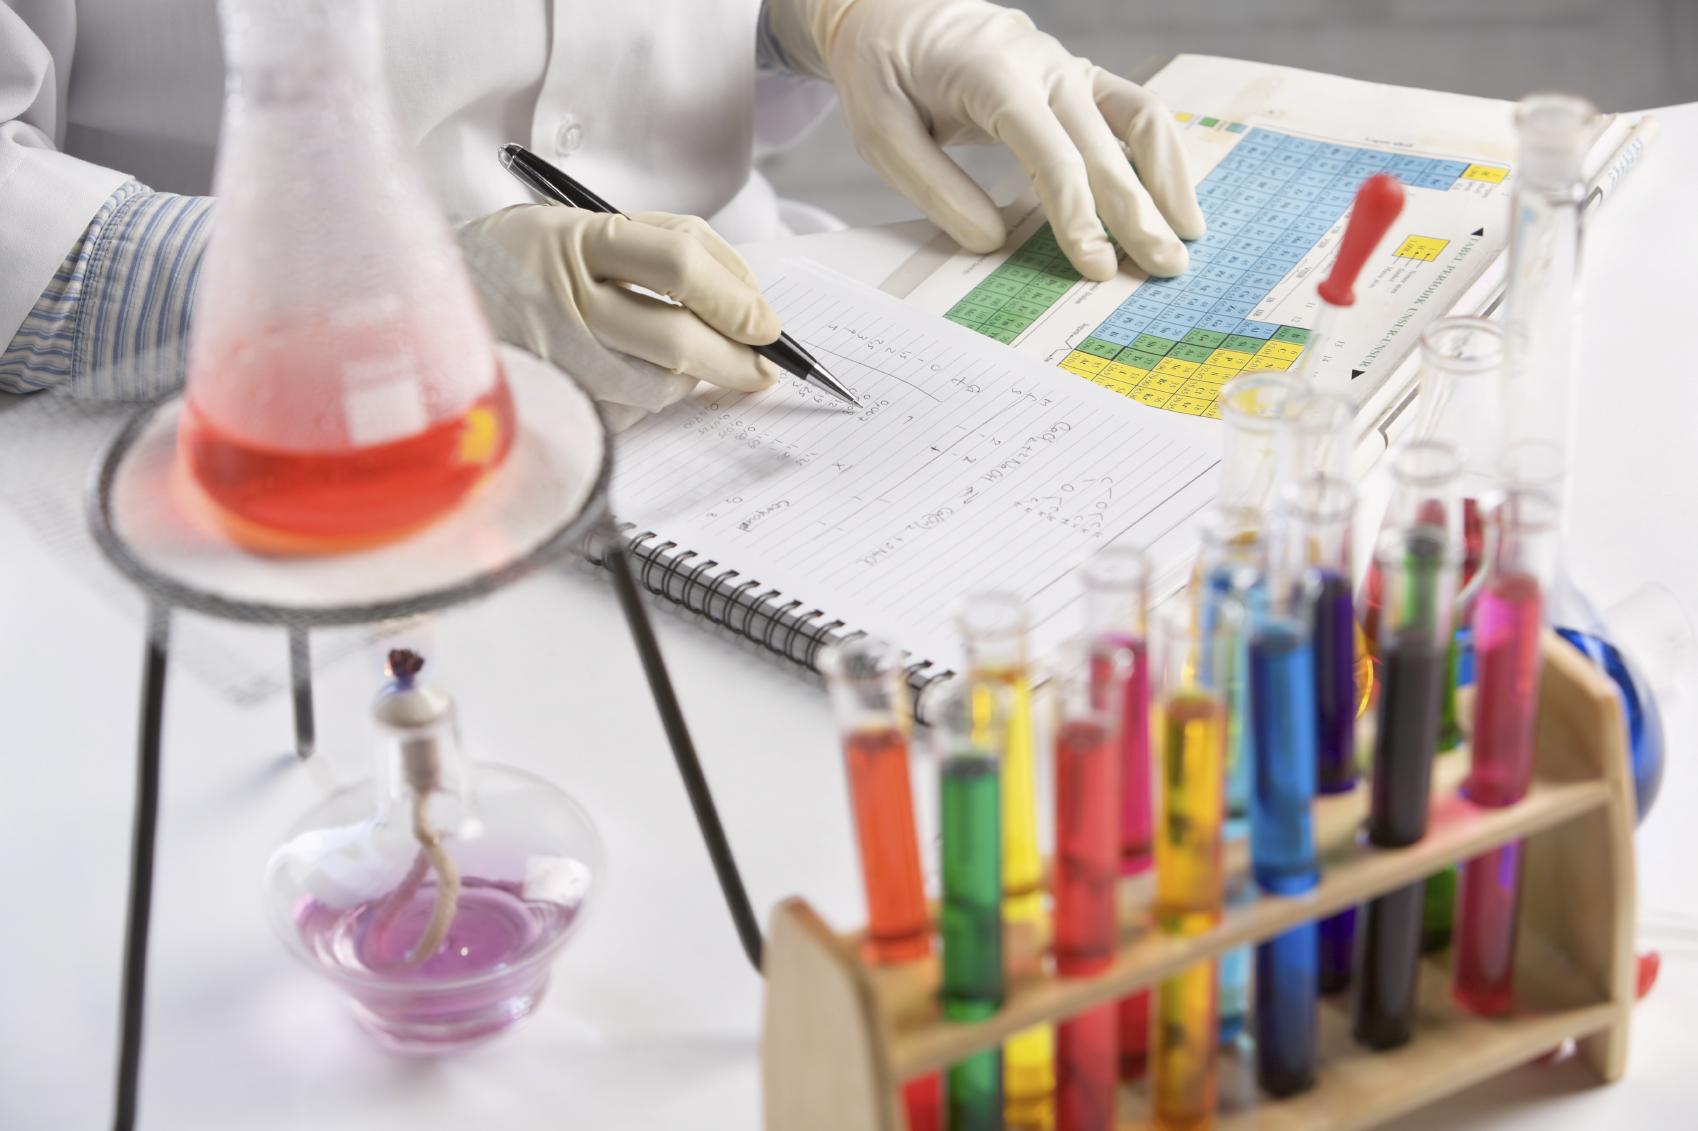 自然科学分野の論文を書くときに注意すべき5つのこと